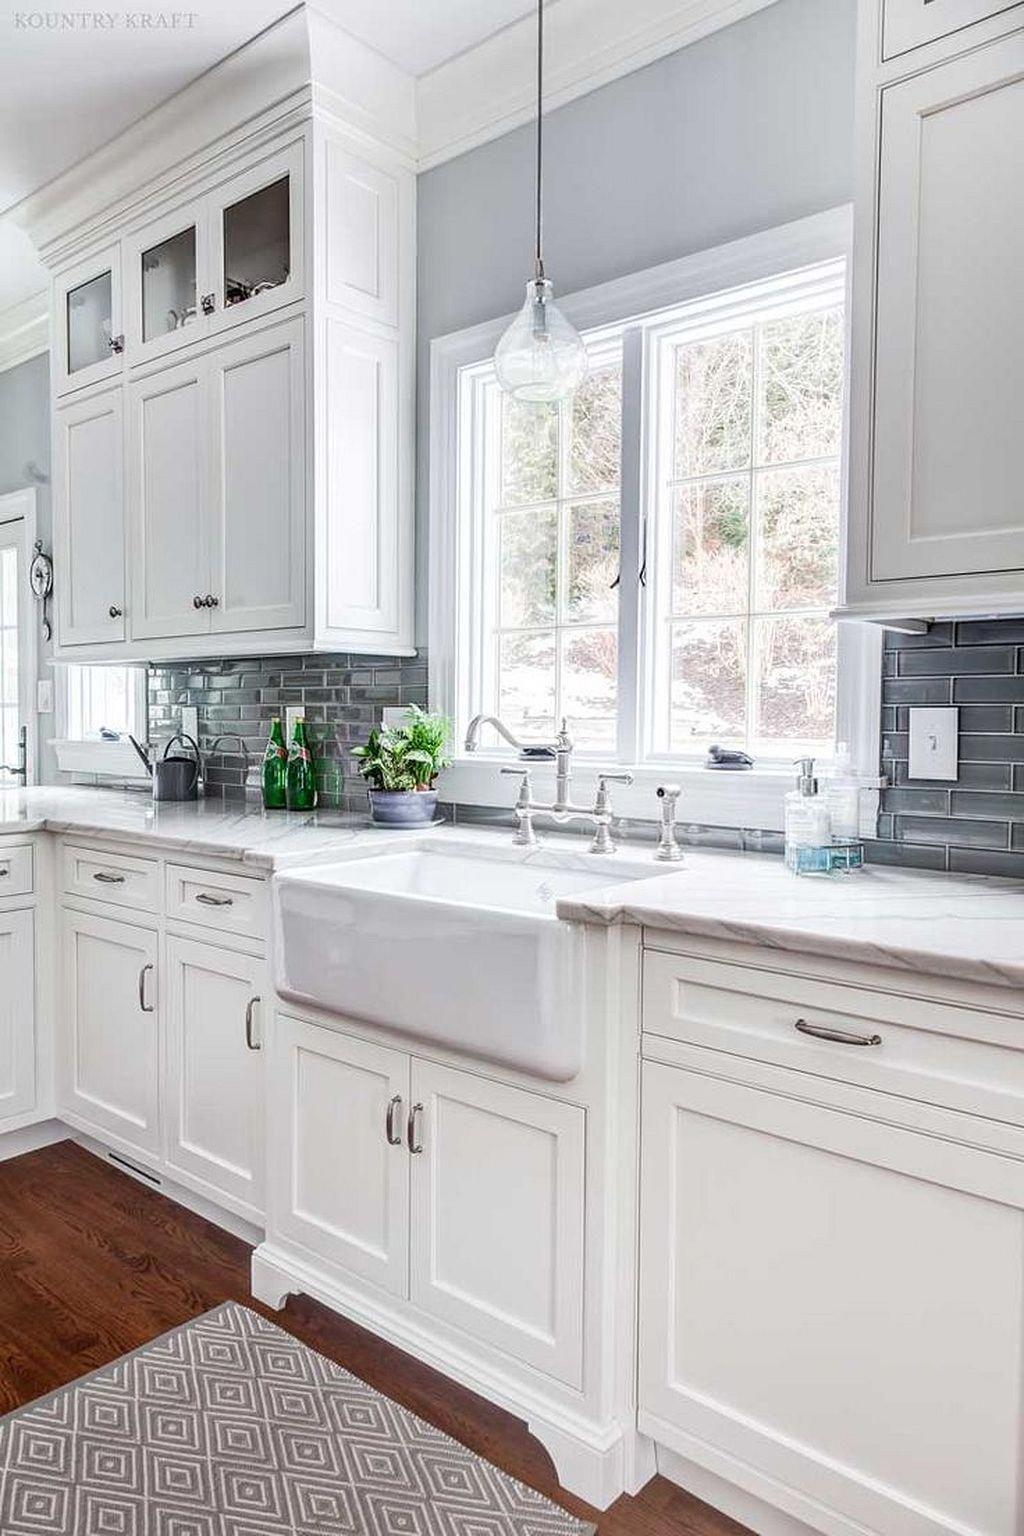 Alternative Home Designs - Atriums in 2020 | Kitchen ...